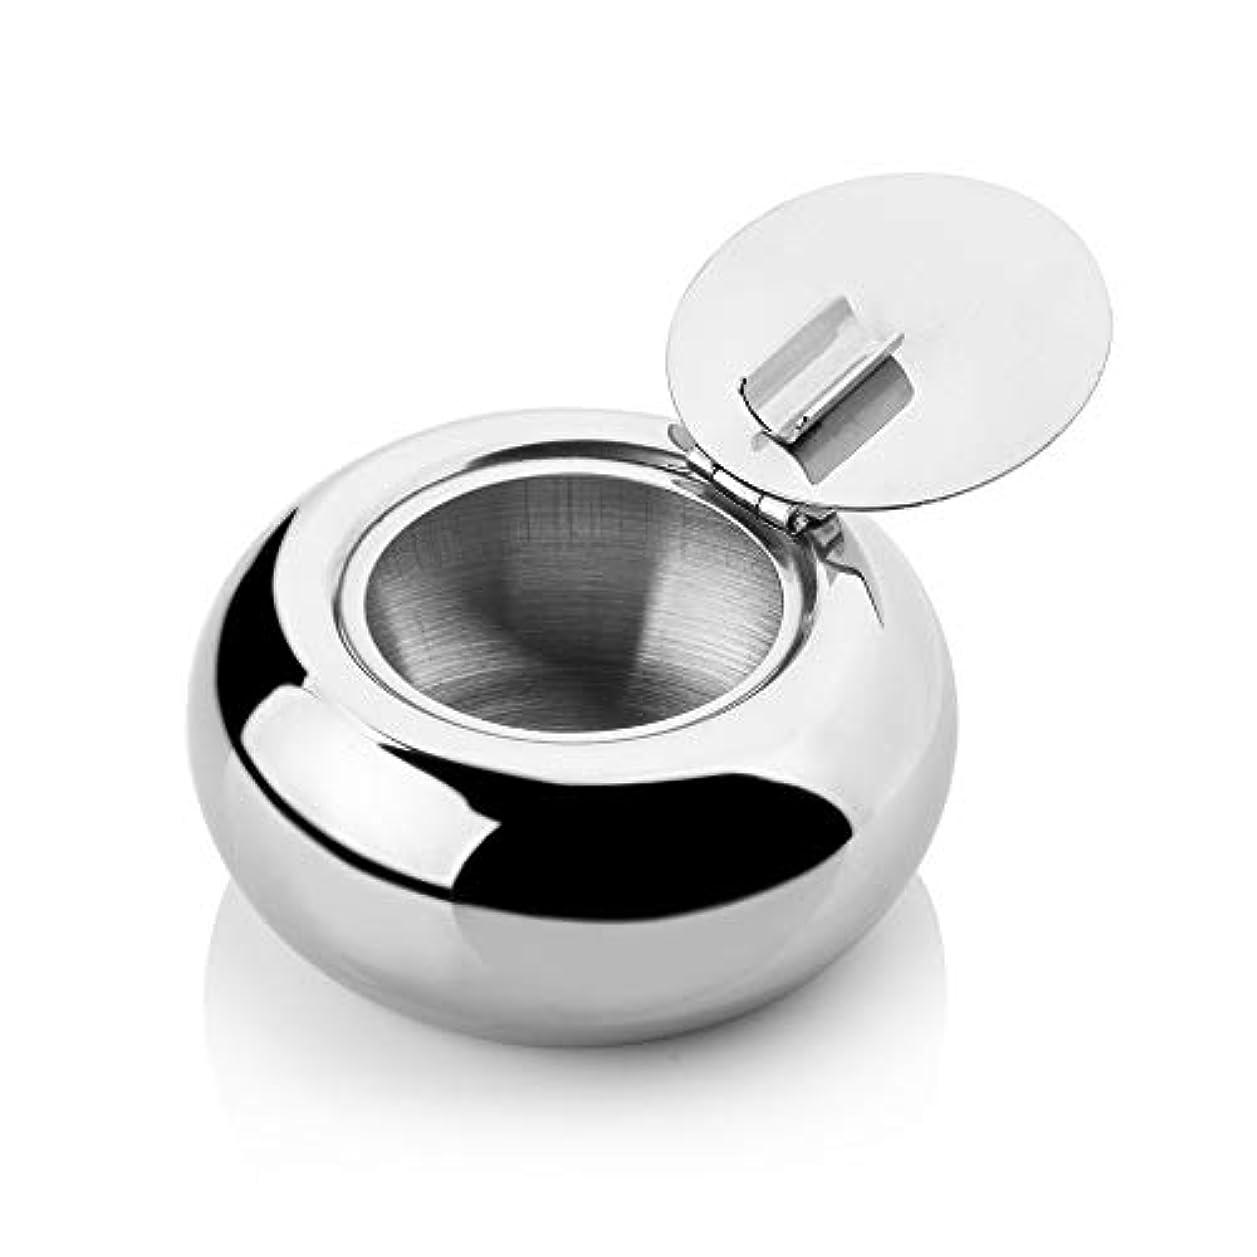 シャイシーケンス軽蔑ステンレス鋼の覆われた灰皿、屋内/屋外の普遍的な灰皿、きれいにすること容易防風の灰皿 (色 : L)